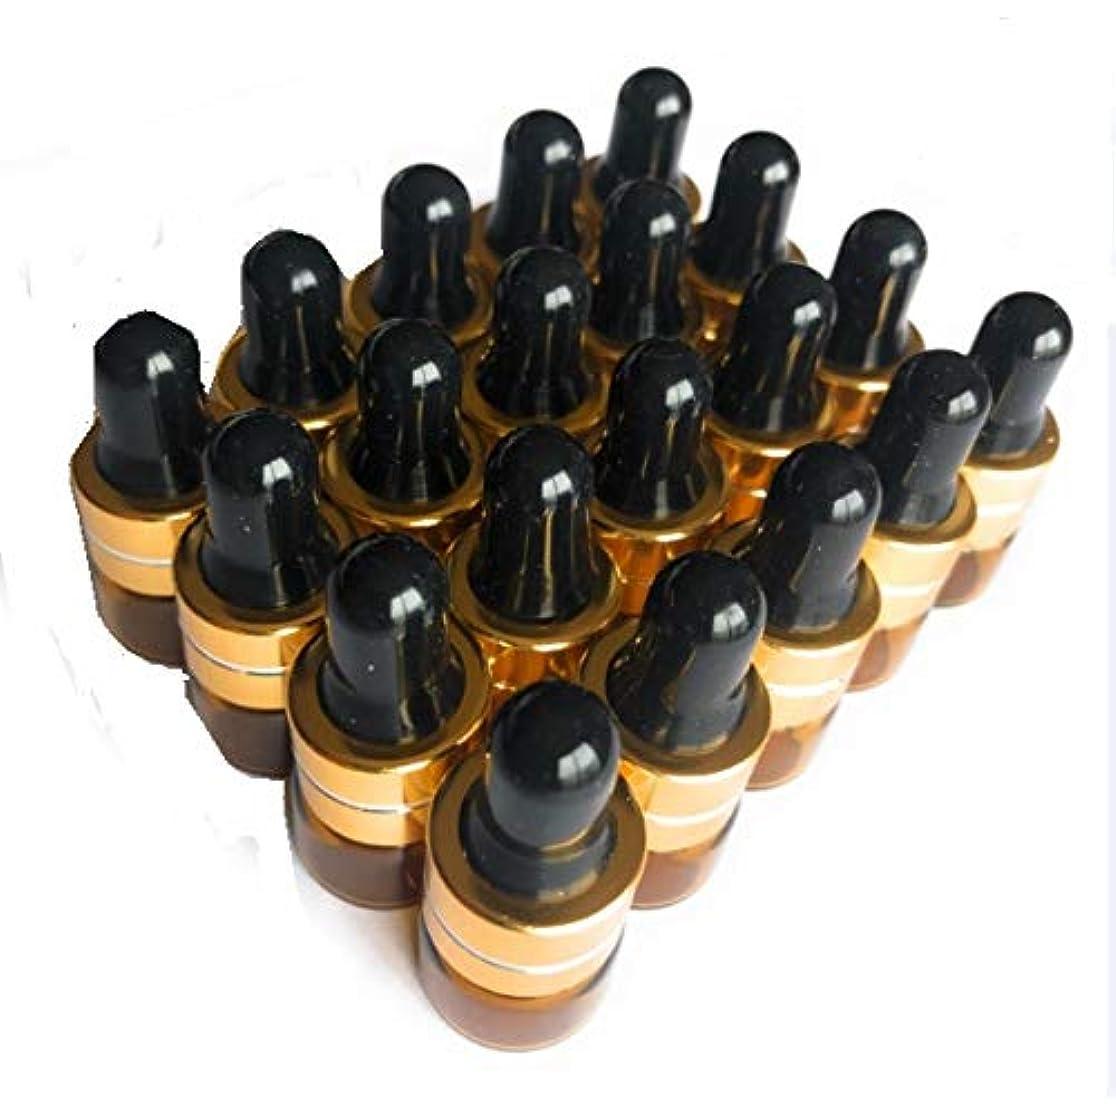 死すべき関連付ける描くits 遮光瓶 アロマオイル 精油 小分け用 ガラス製 保存容器 茶色 (20本 セット 1ml)